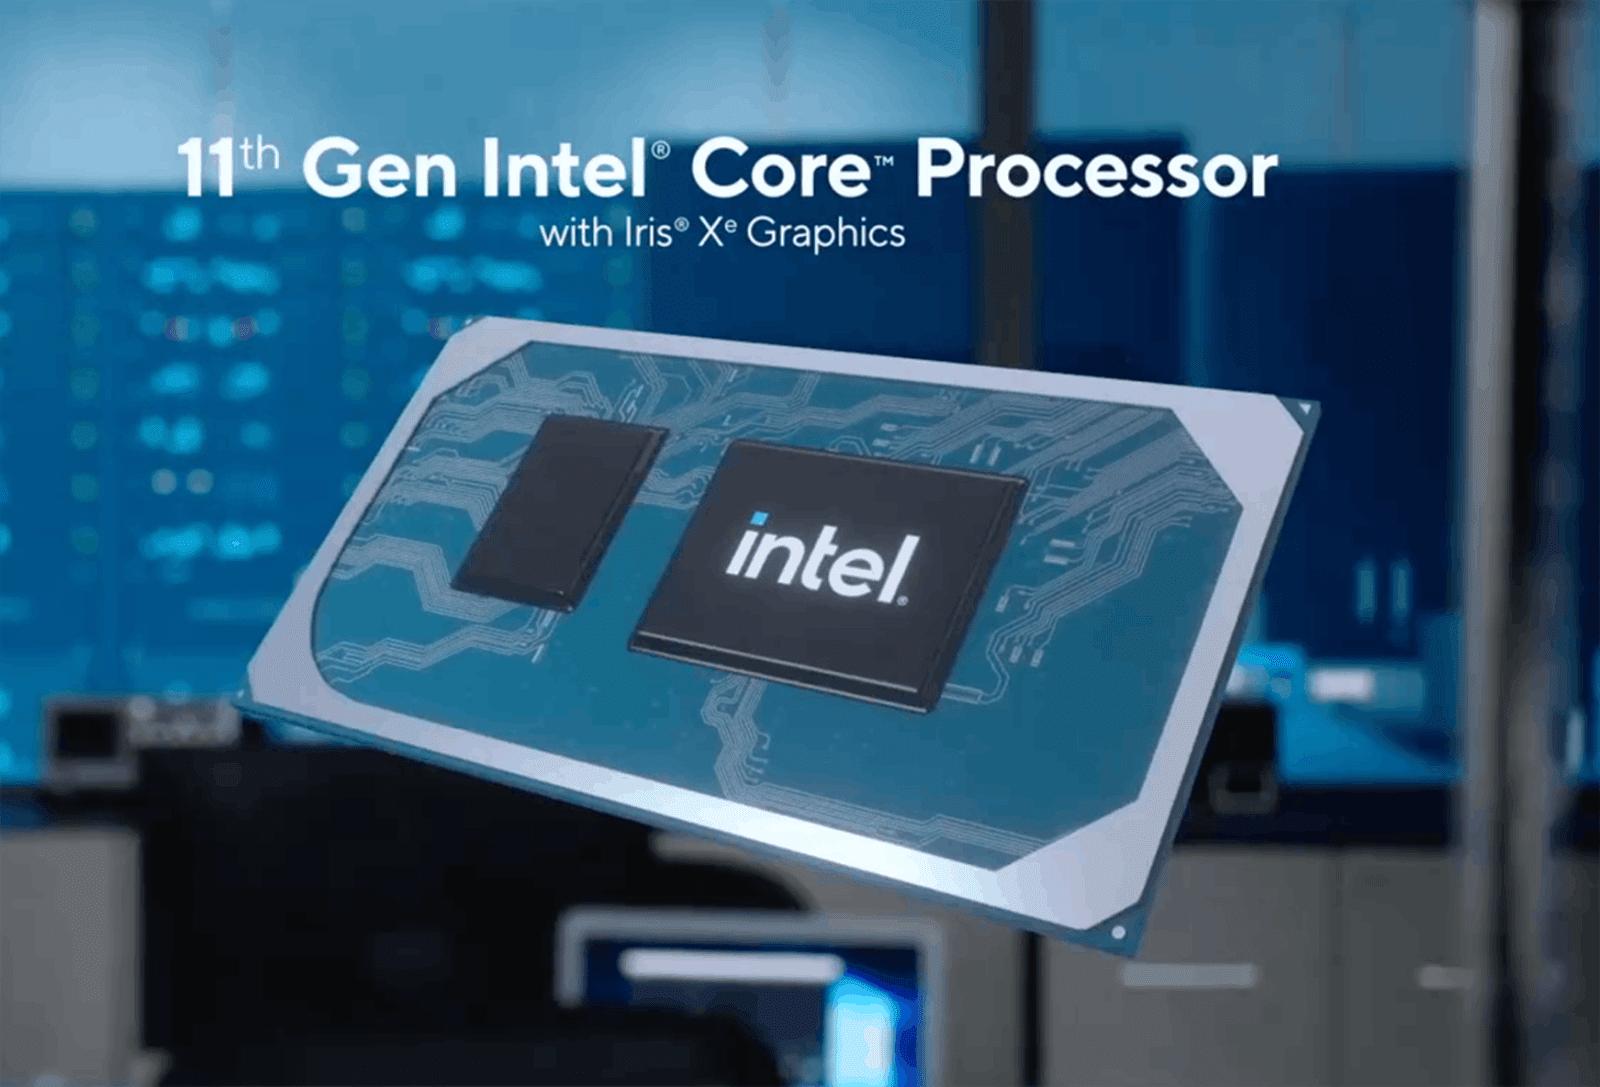 Intel Gen 11th – bước nhảy về hiệu năng đồ họa cho laptop thế hệ mới 11